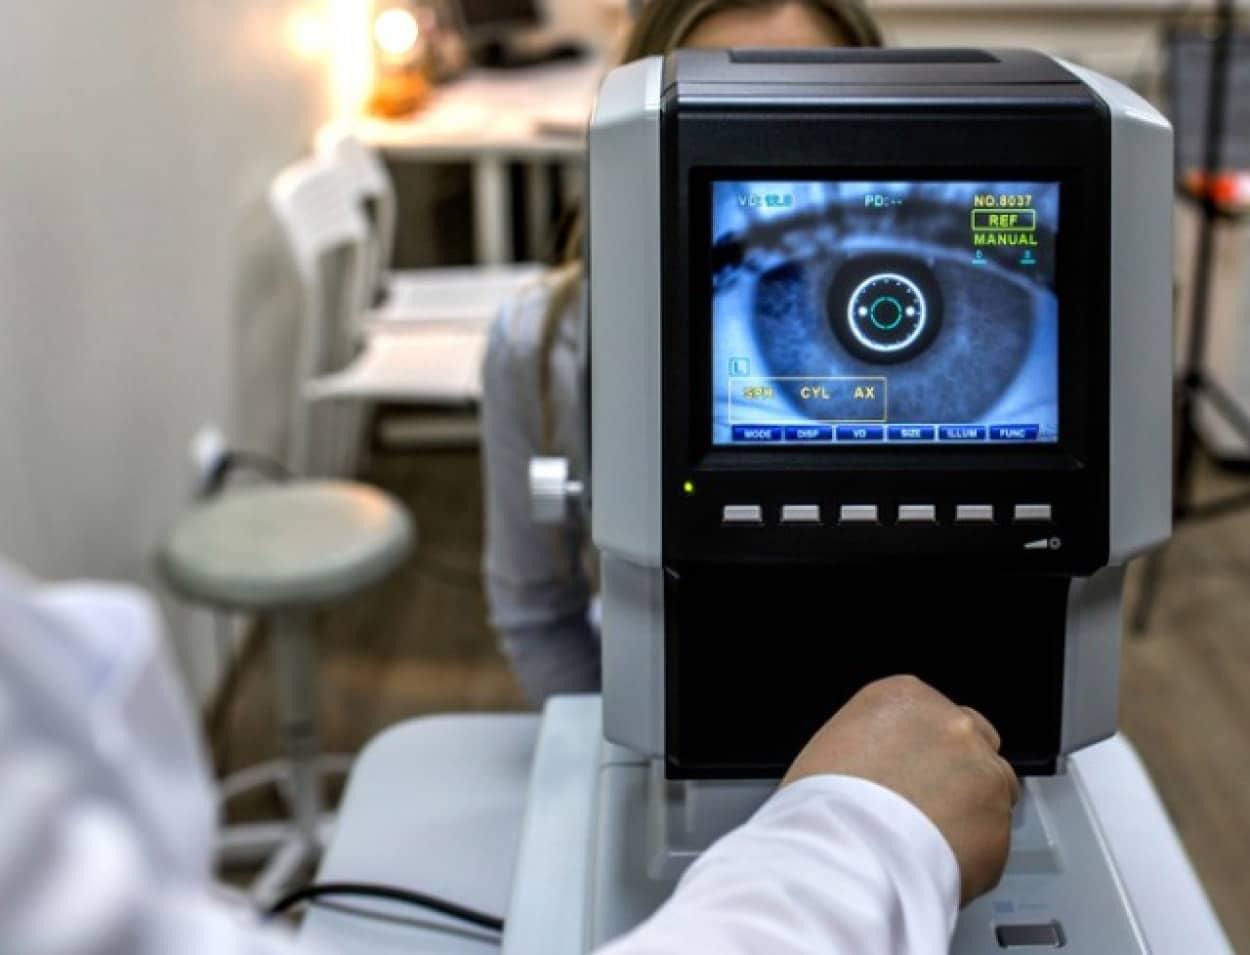 人工網膜から脳インプラントに情報を送り映像化することで、盲目の女性が文字を認識することに成功